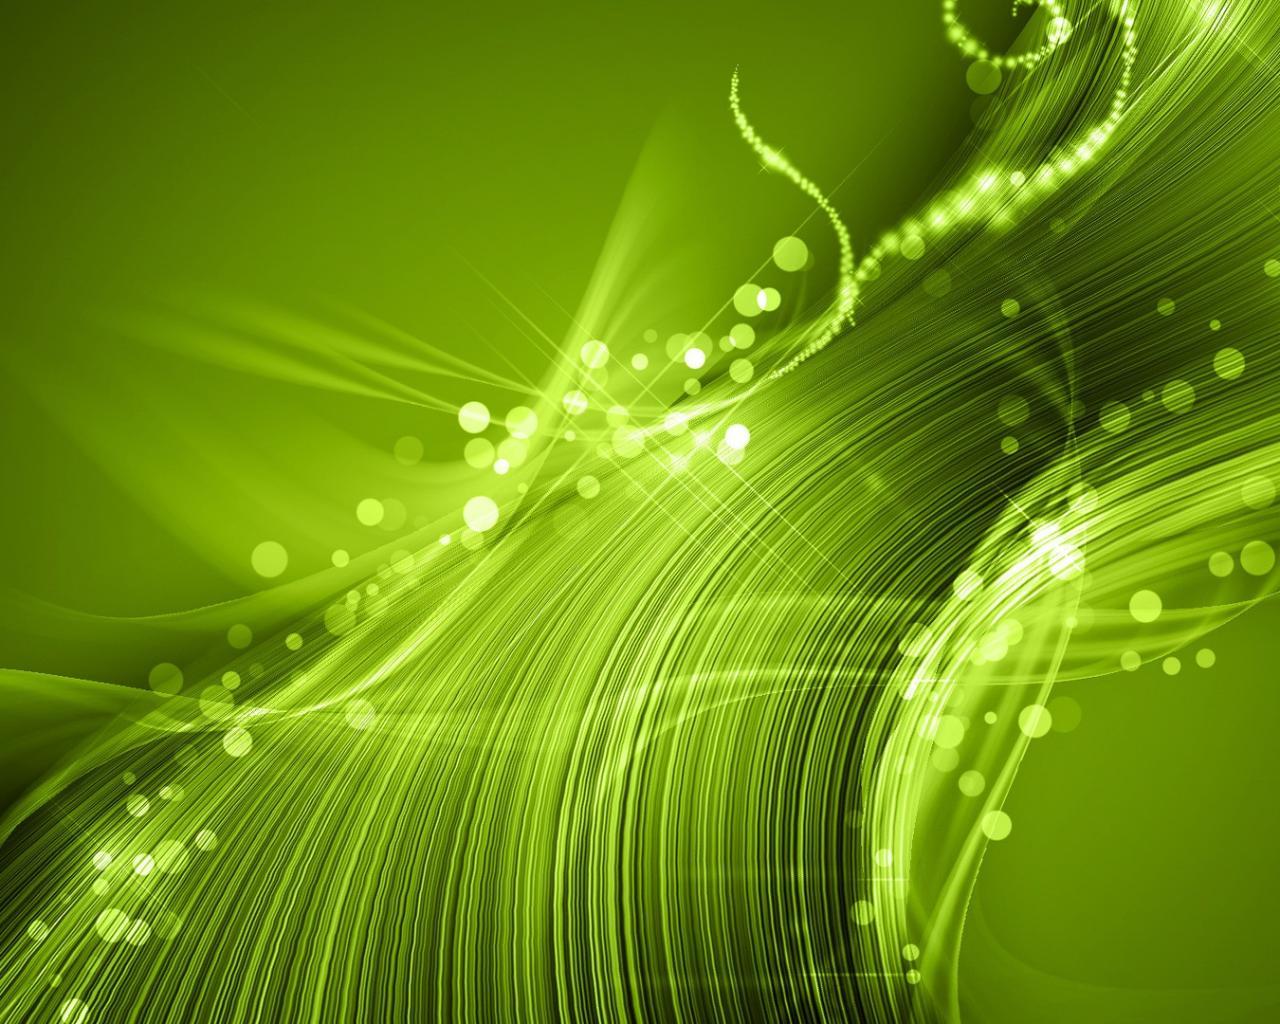 Красивая зеленая абстракция обои для